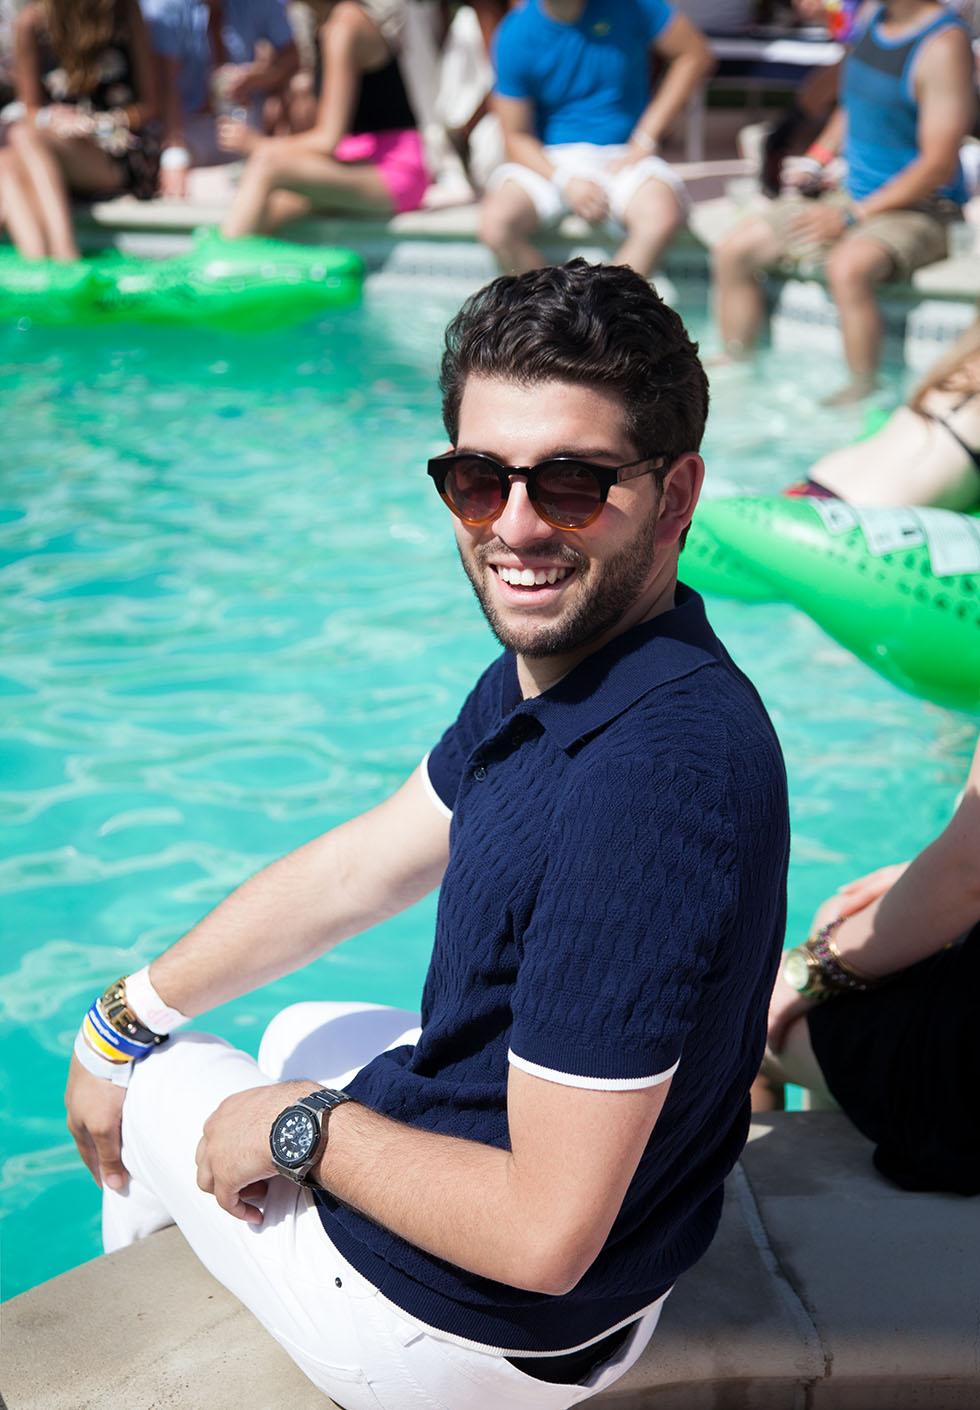 Avoiding heatstroke at the Lacoste L!VE desert pool party.